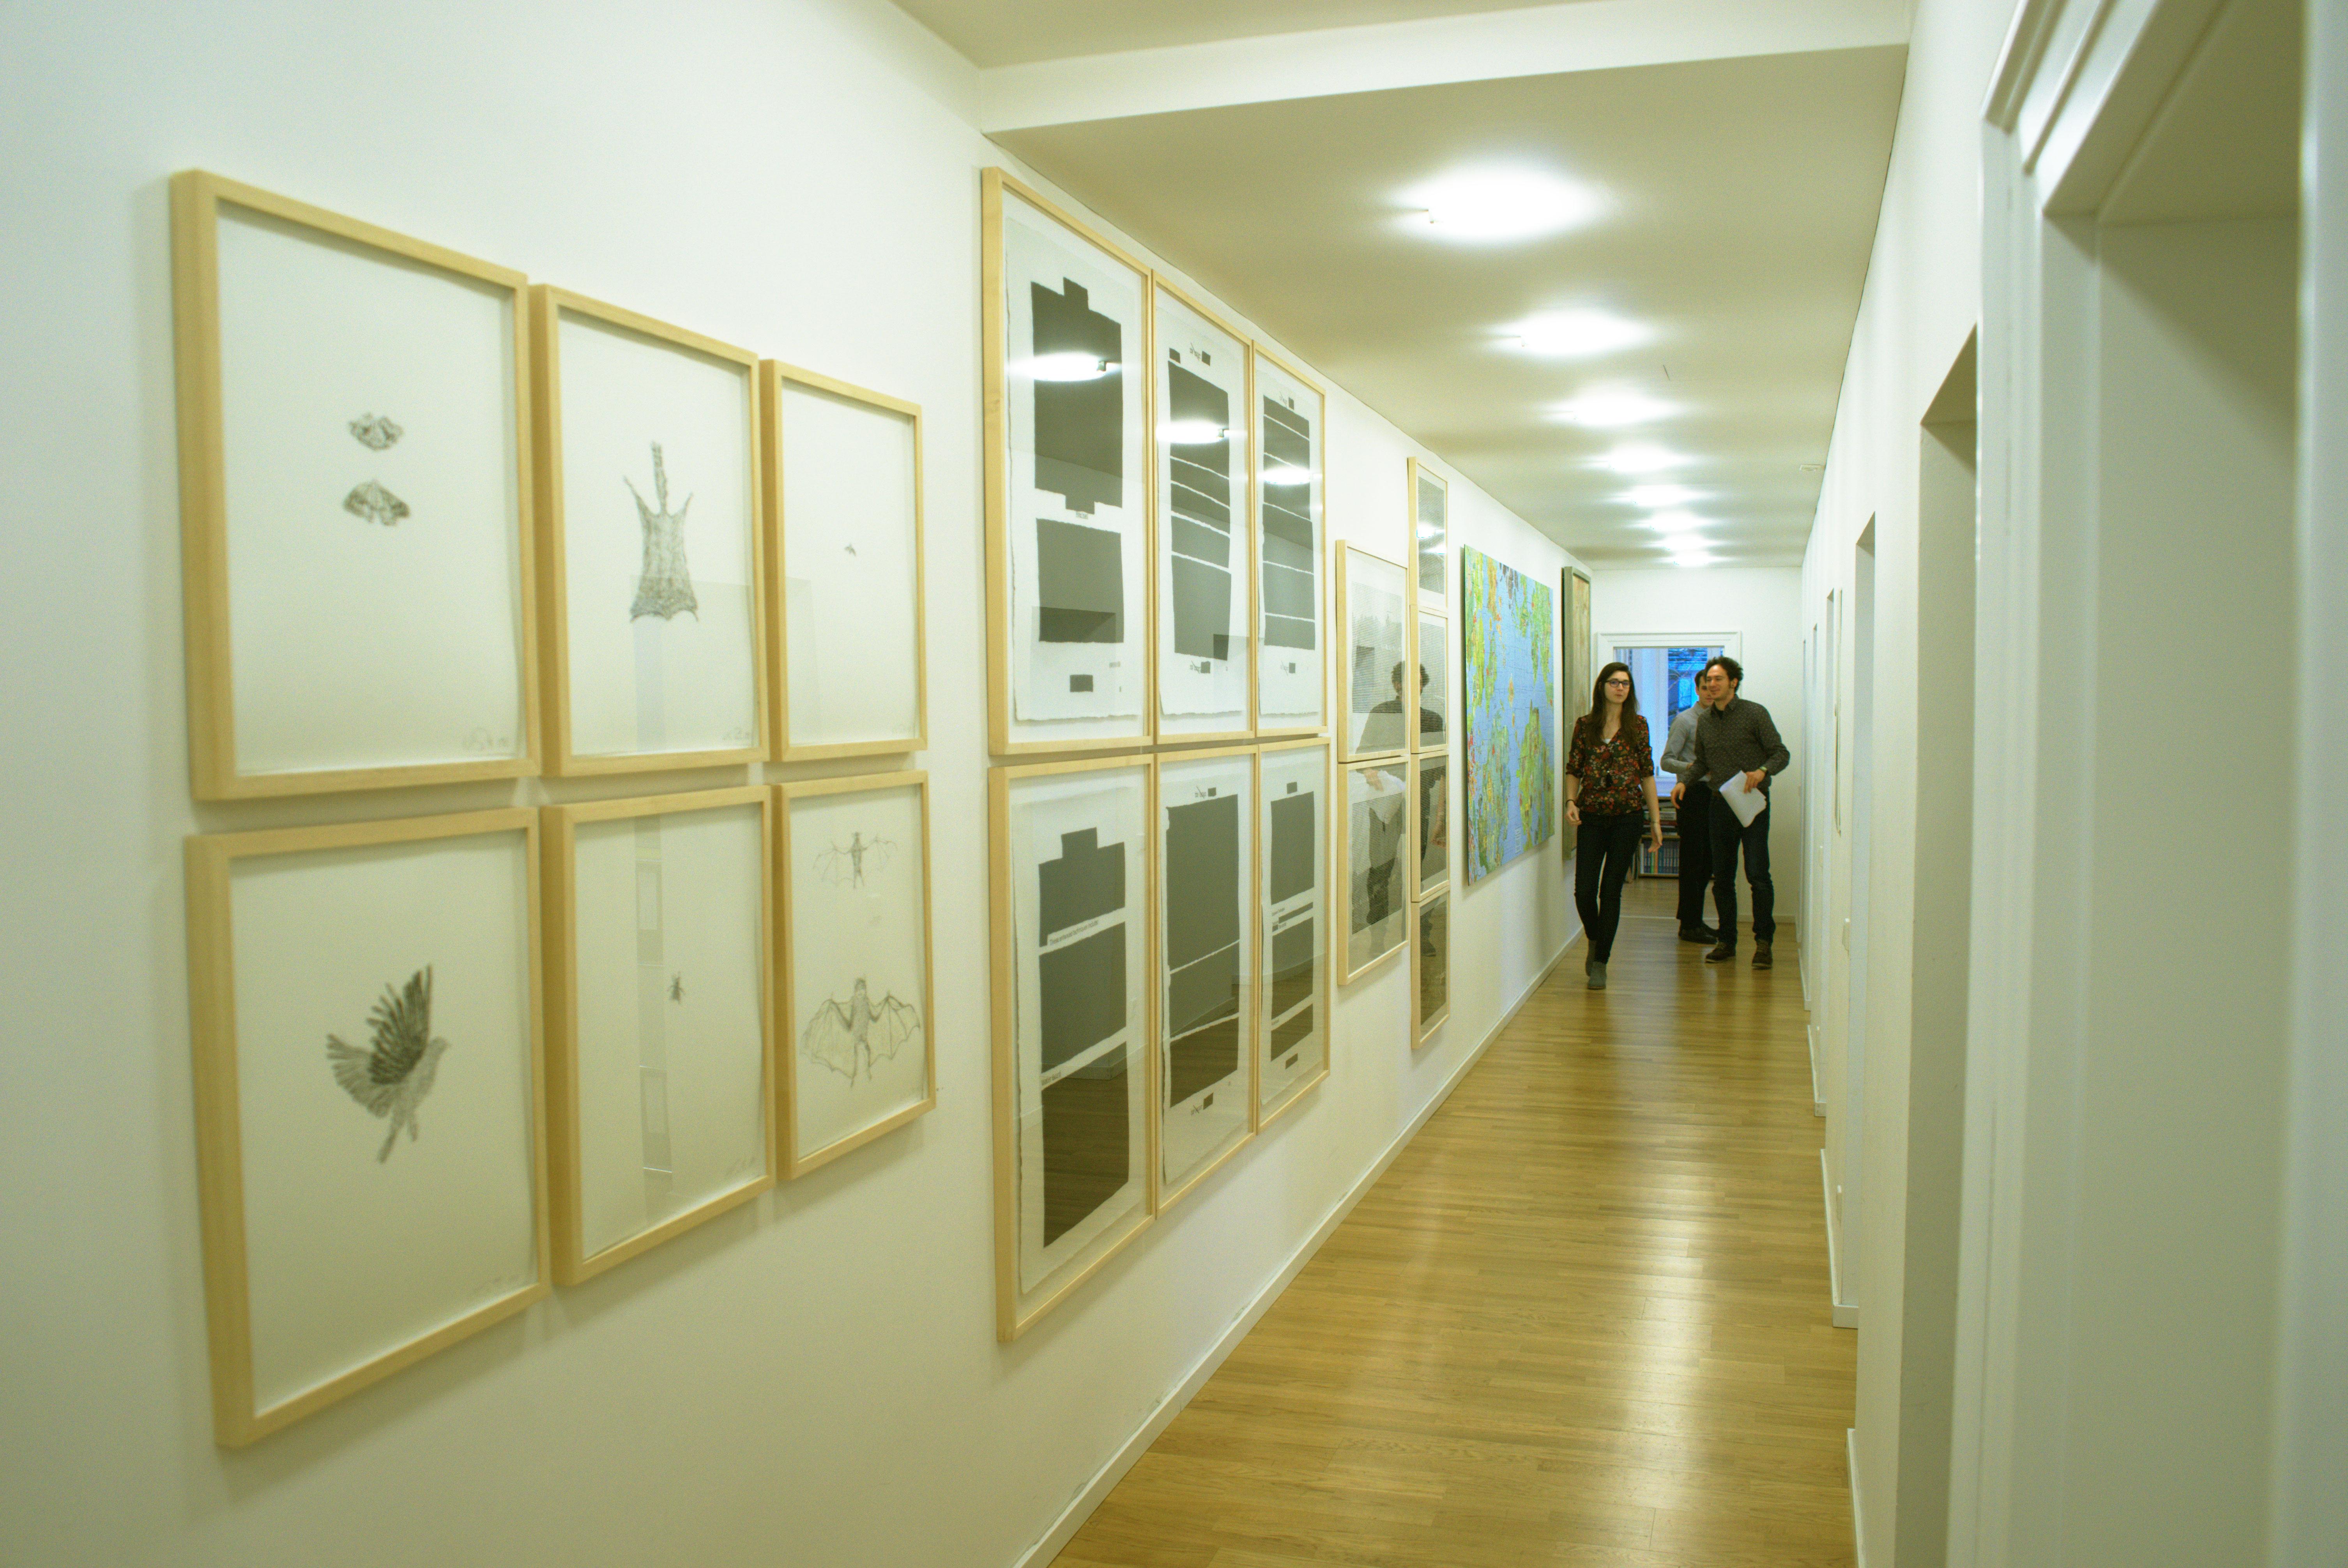 Rainer Schmidt Landschaftsarchitekten & Stadtplaner